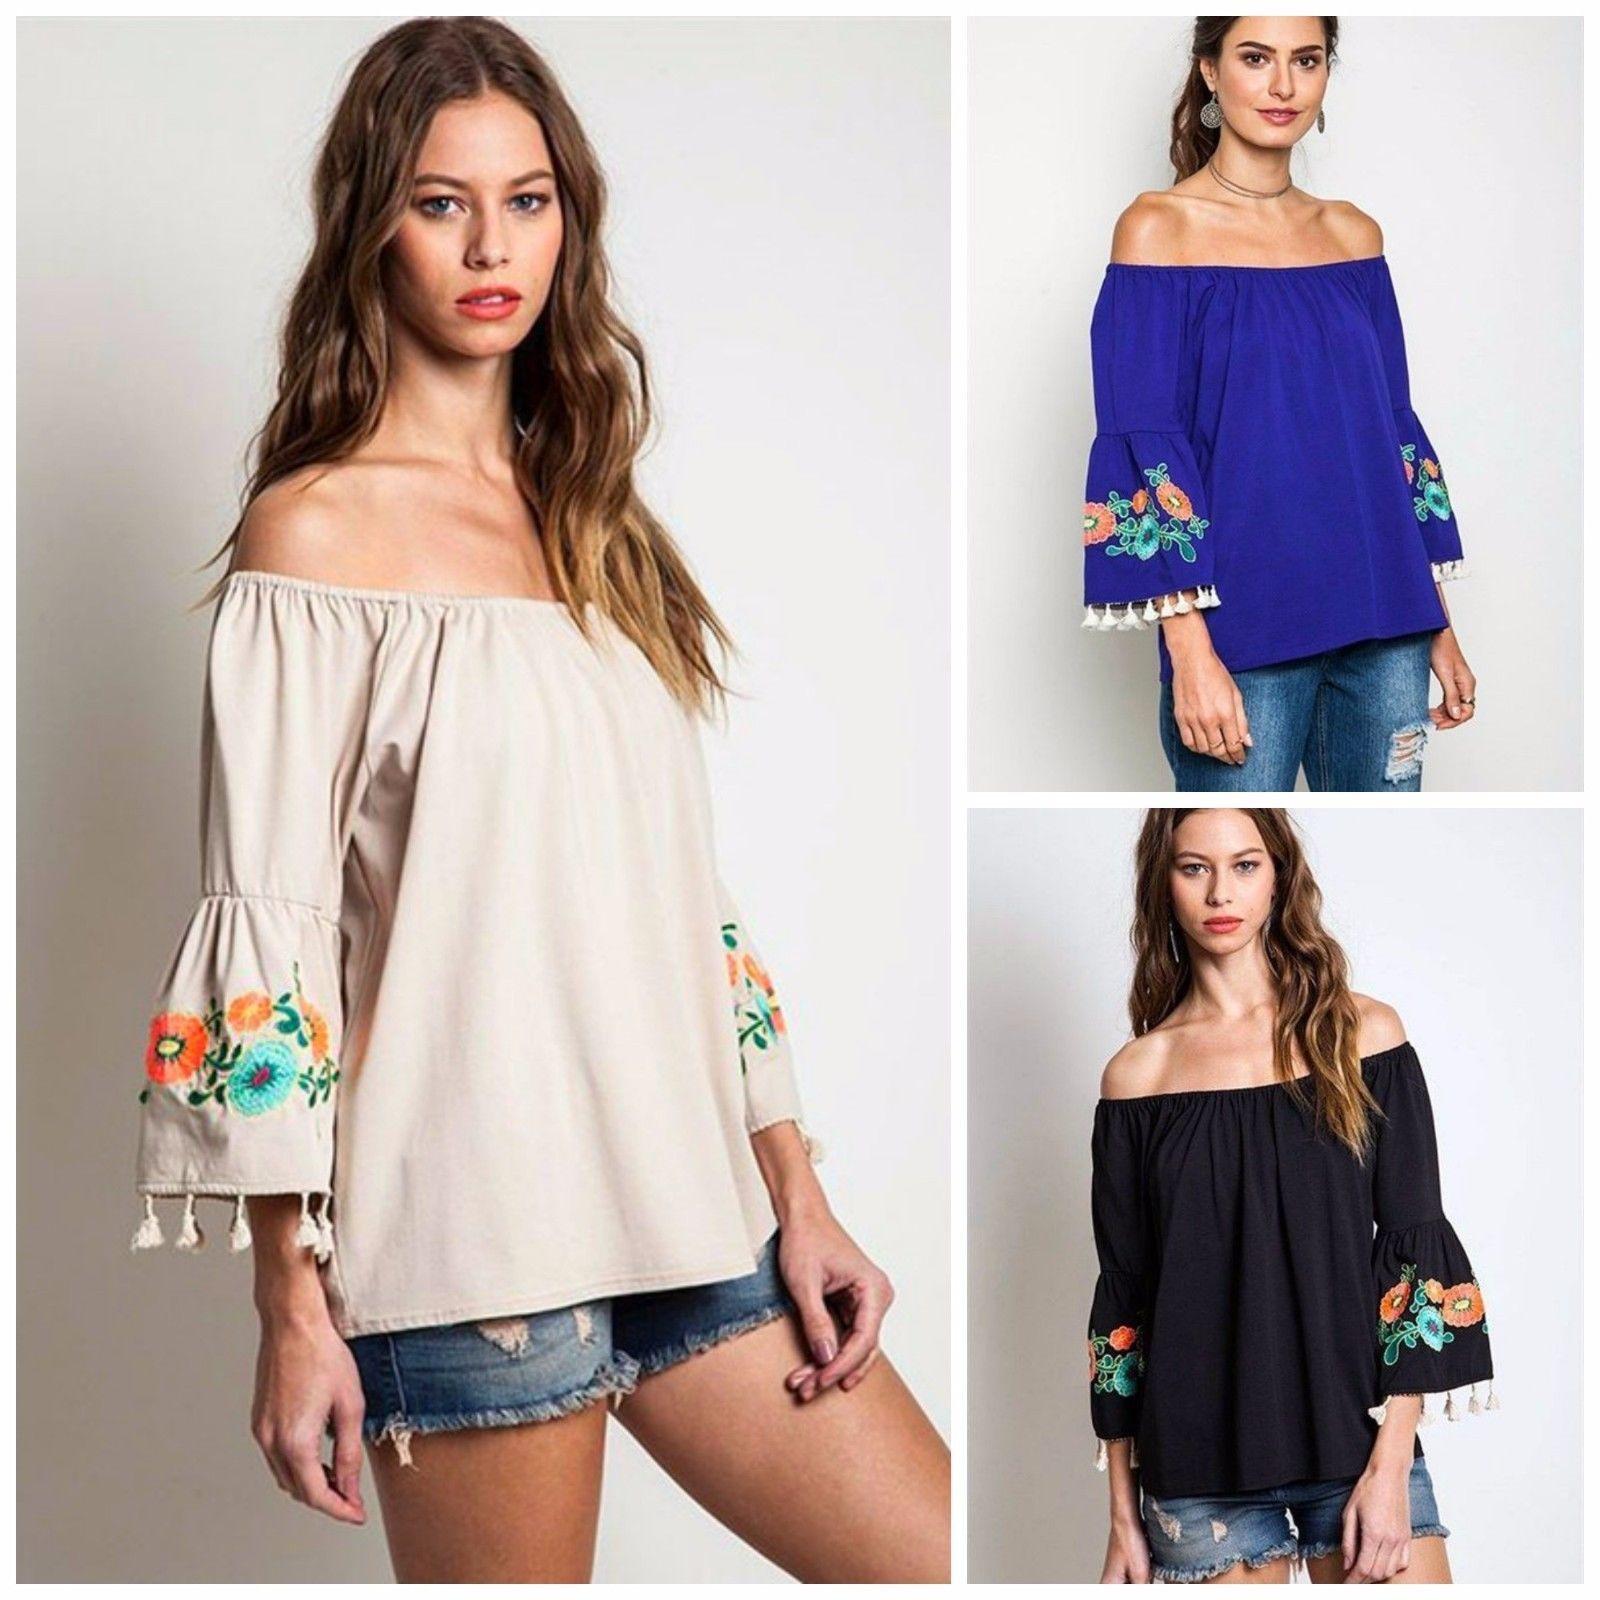 c83be455ae1 Umgee USA Belize Bell Sleeve Embroidered Boho Fringe Off Shoulder Knit Top  s M L #Umgee #Boho| eBay